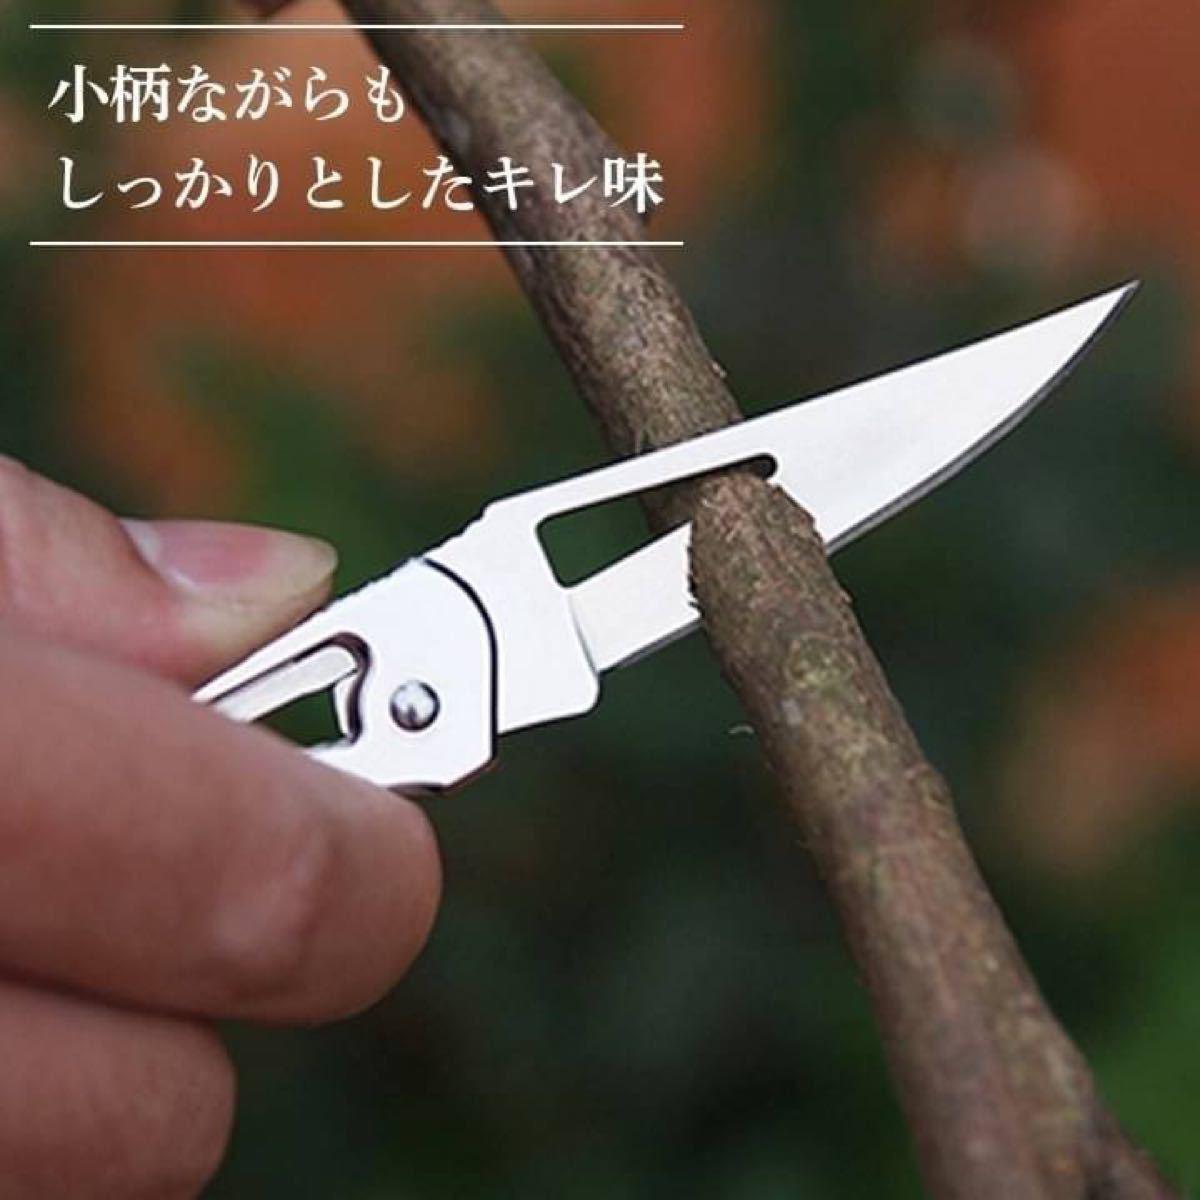 【アウトドアに最適】カラビナ折りたたみナイフ★銀色★2個セット★ 釣り キャンプ サバイバル